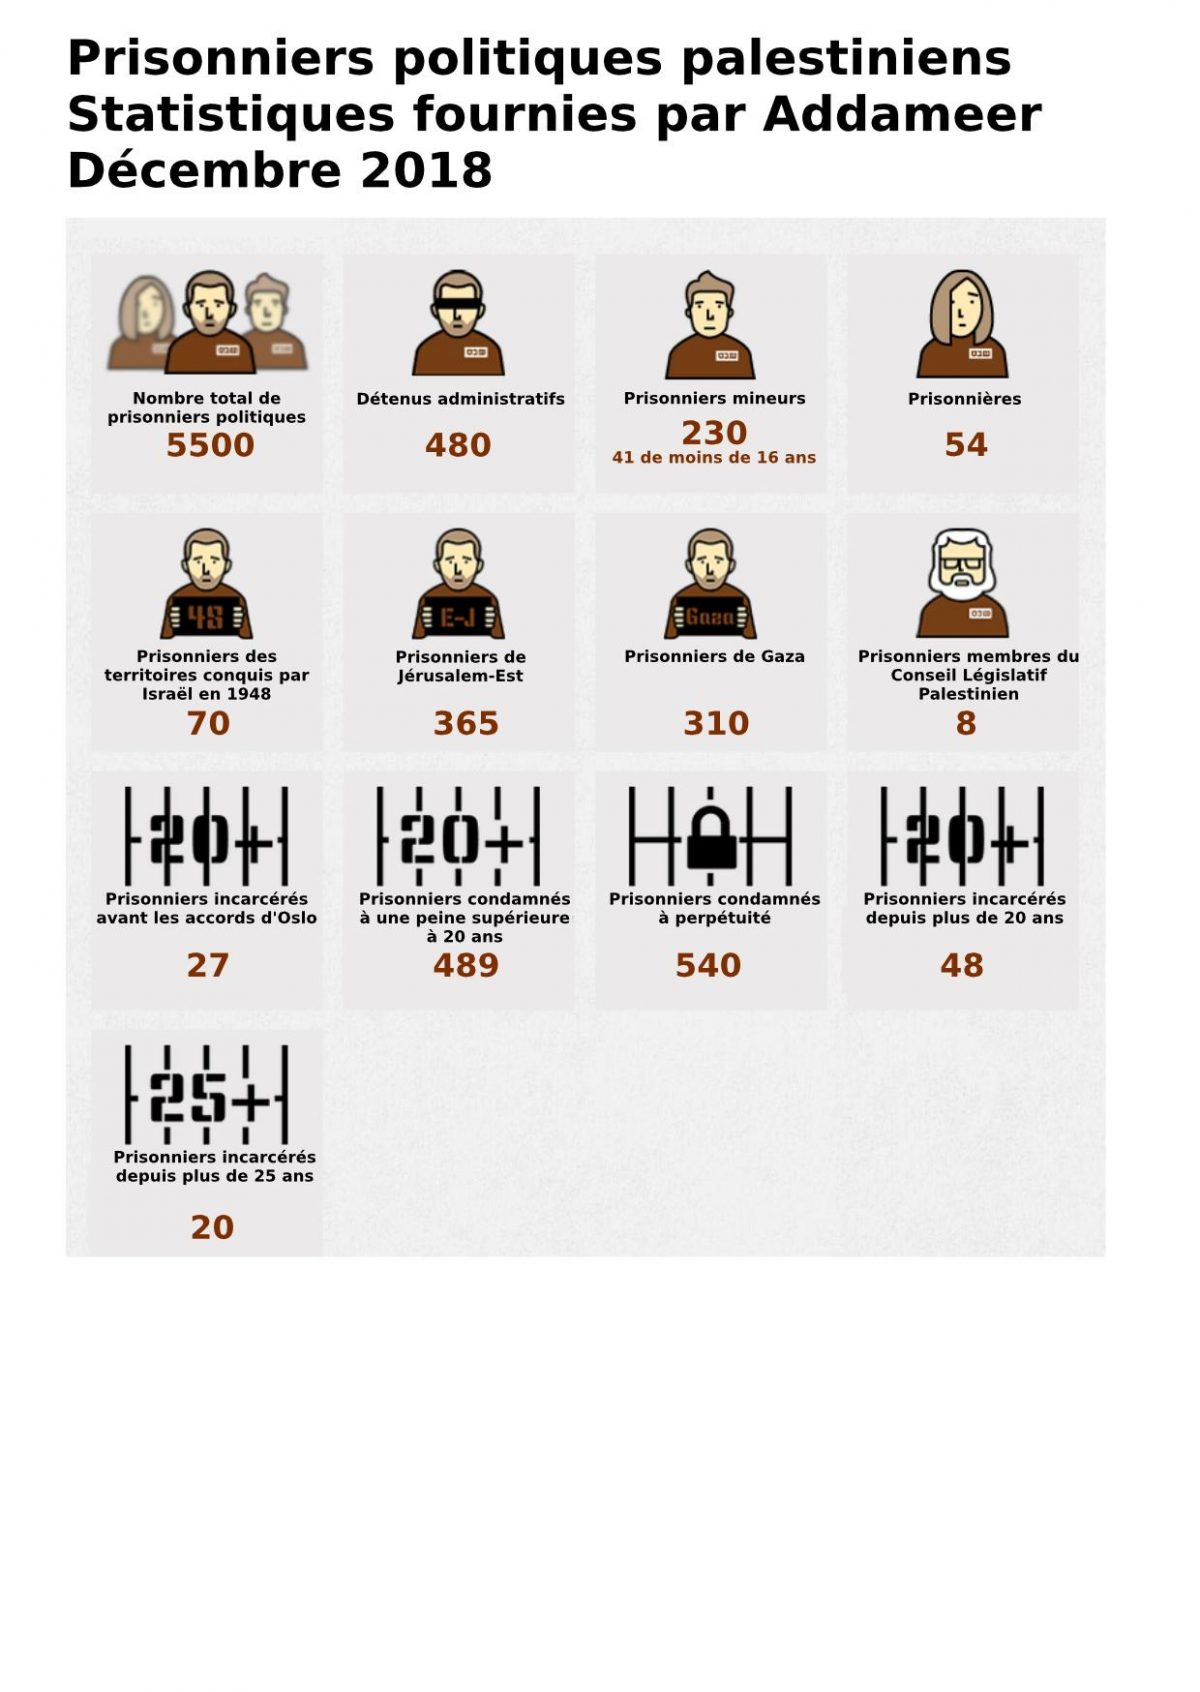 Prisonniers politiques palestiniens : les chiffres du mois de décembre